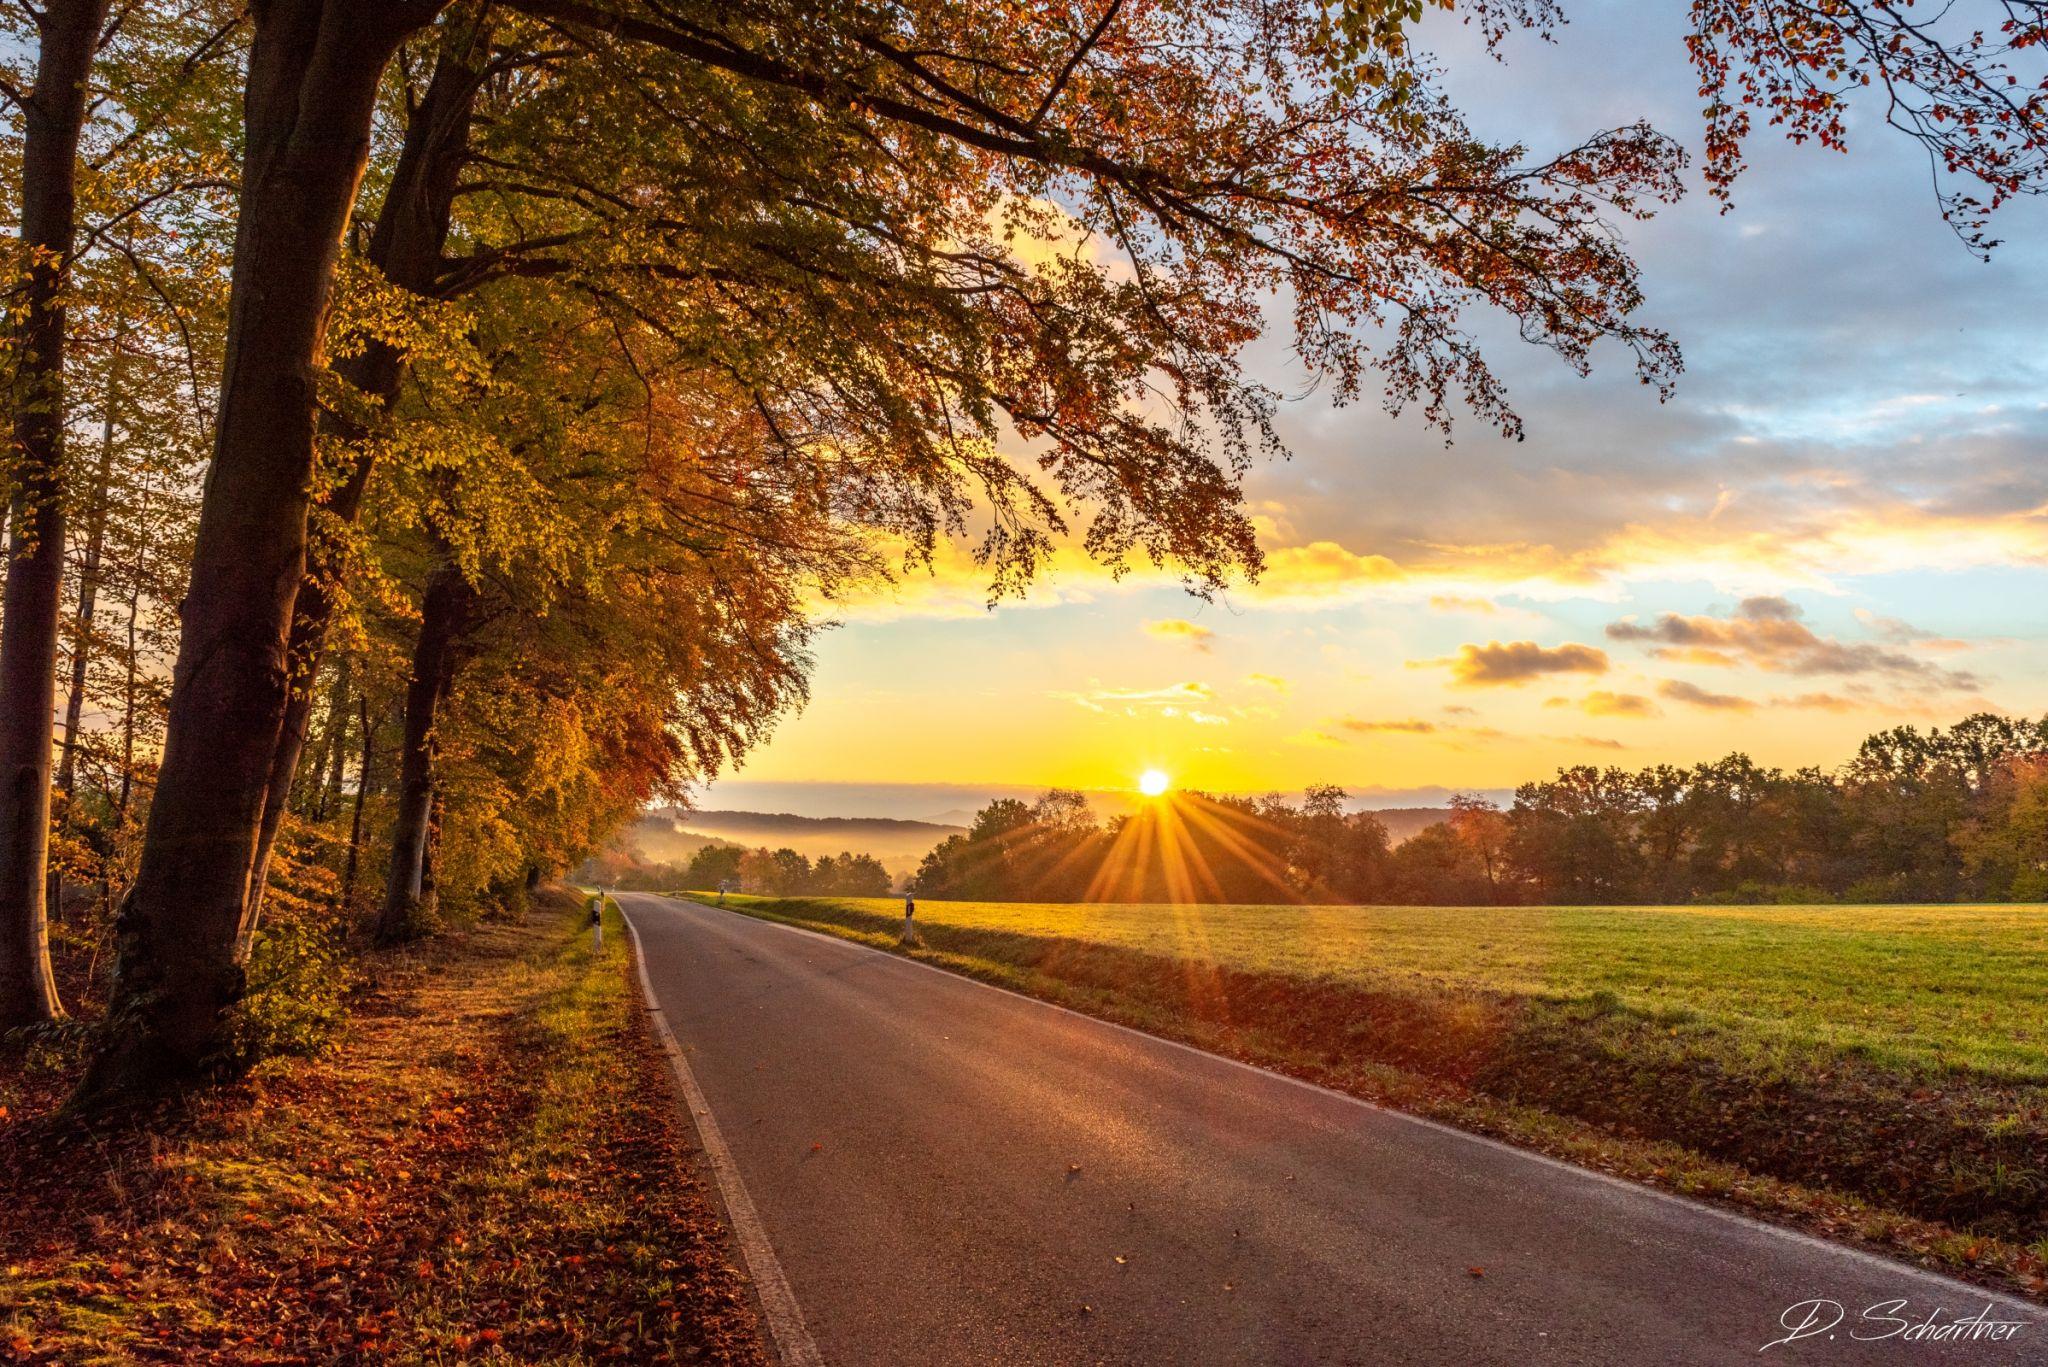 Autumn Sunrise, Germany